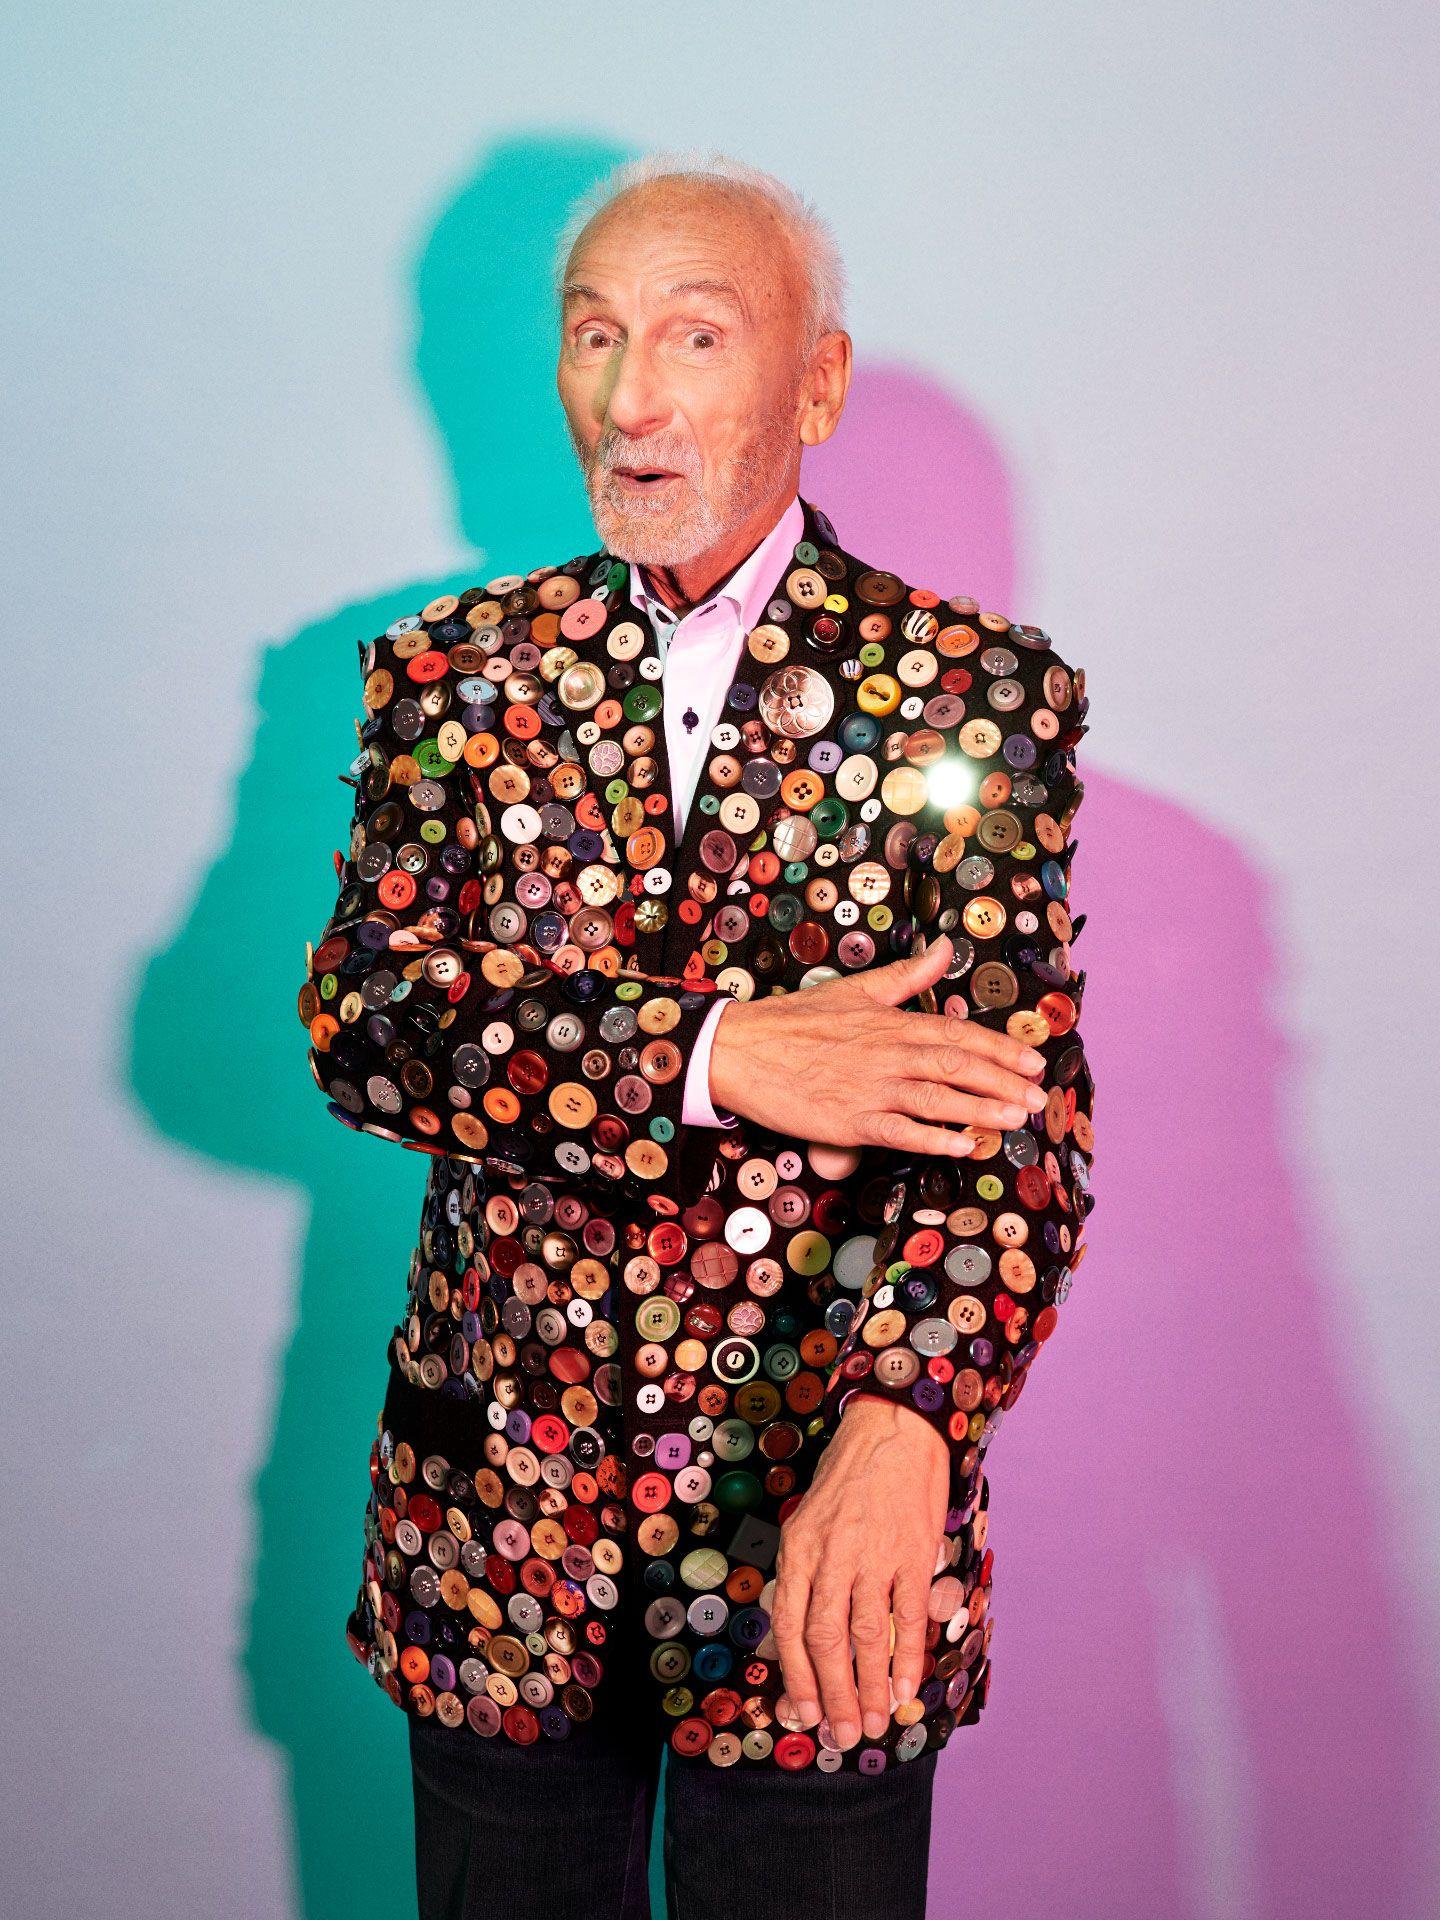 Portrait d'Yvon Deschamps. Il porte un costume recouvert de boutons colorés et fait un drôle de visage surpris. La lumière autour de lui et l'arrière-plan sont turquoise et rose.